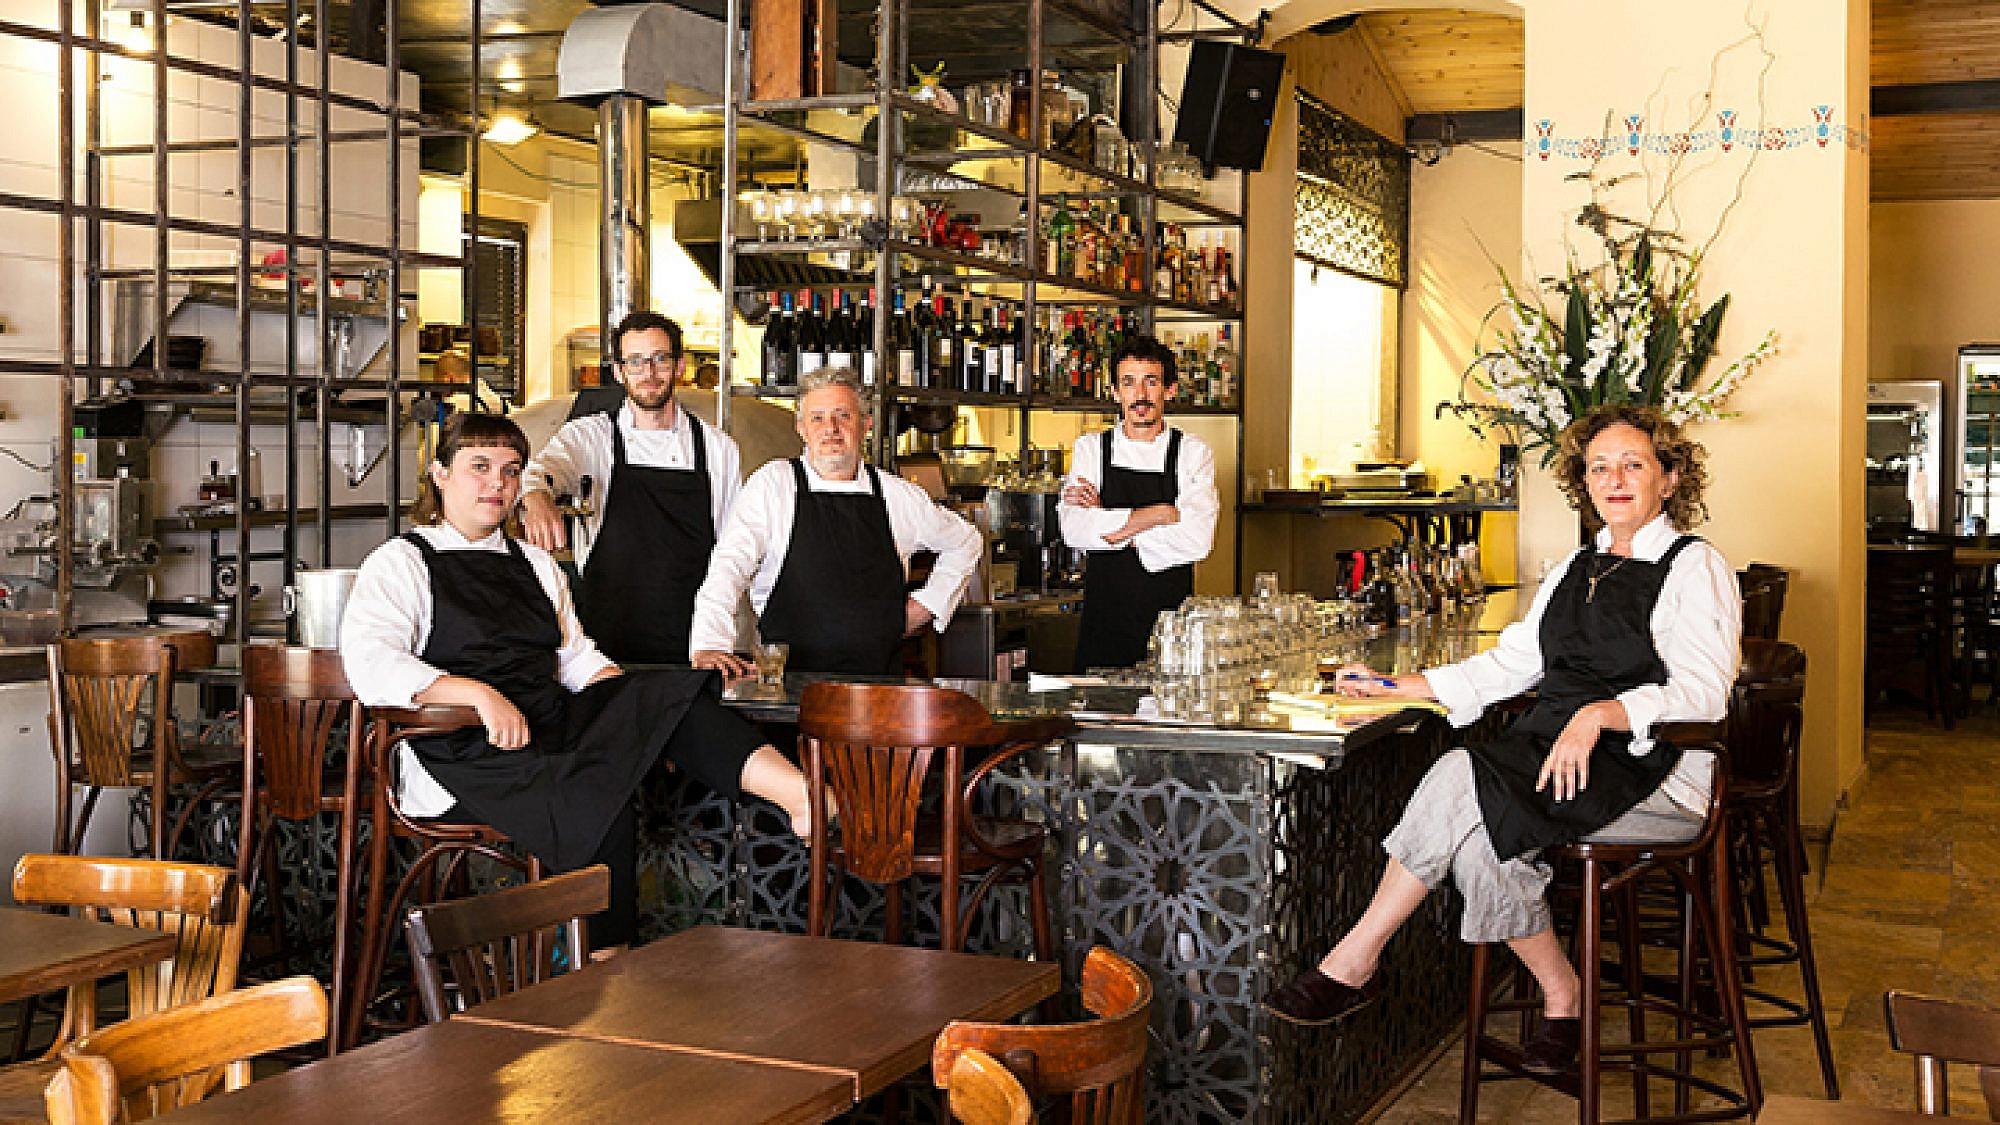 מסעדת לוקה ולינו החדשה | צילום: שרית גופן